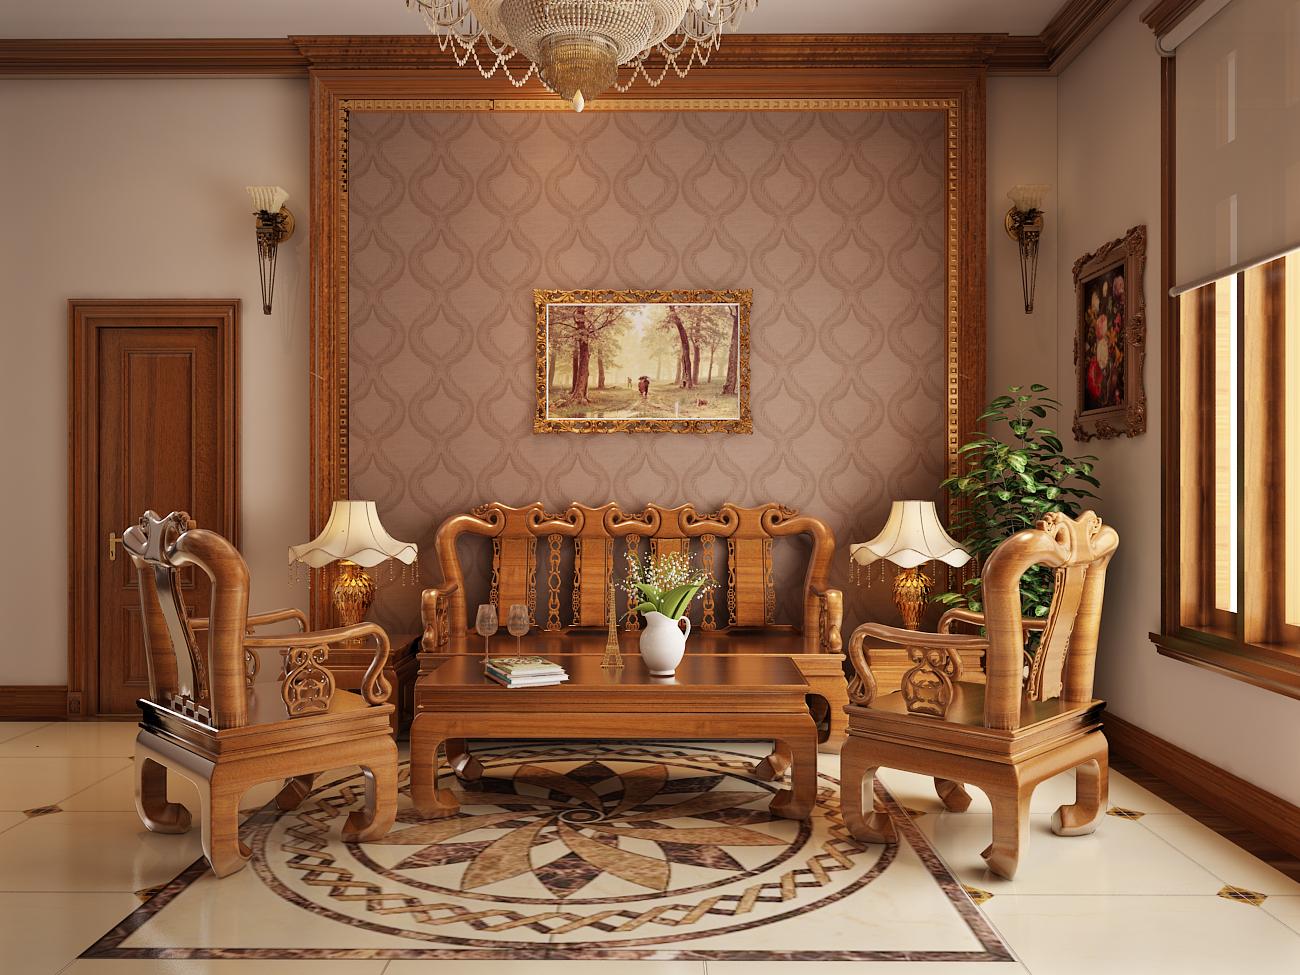 Nội thất gỗ cho phòng khách sang trọng. 1